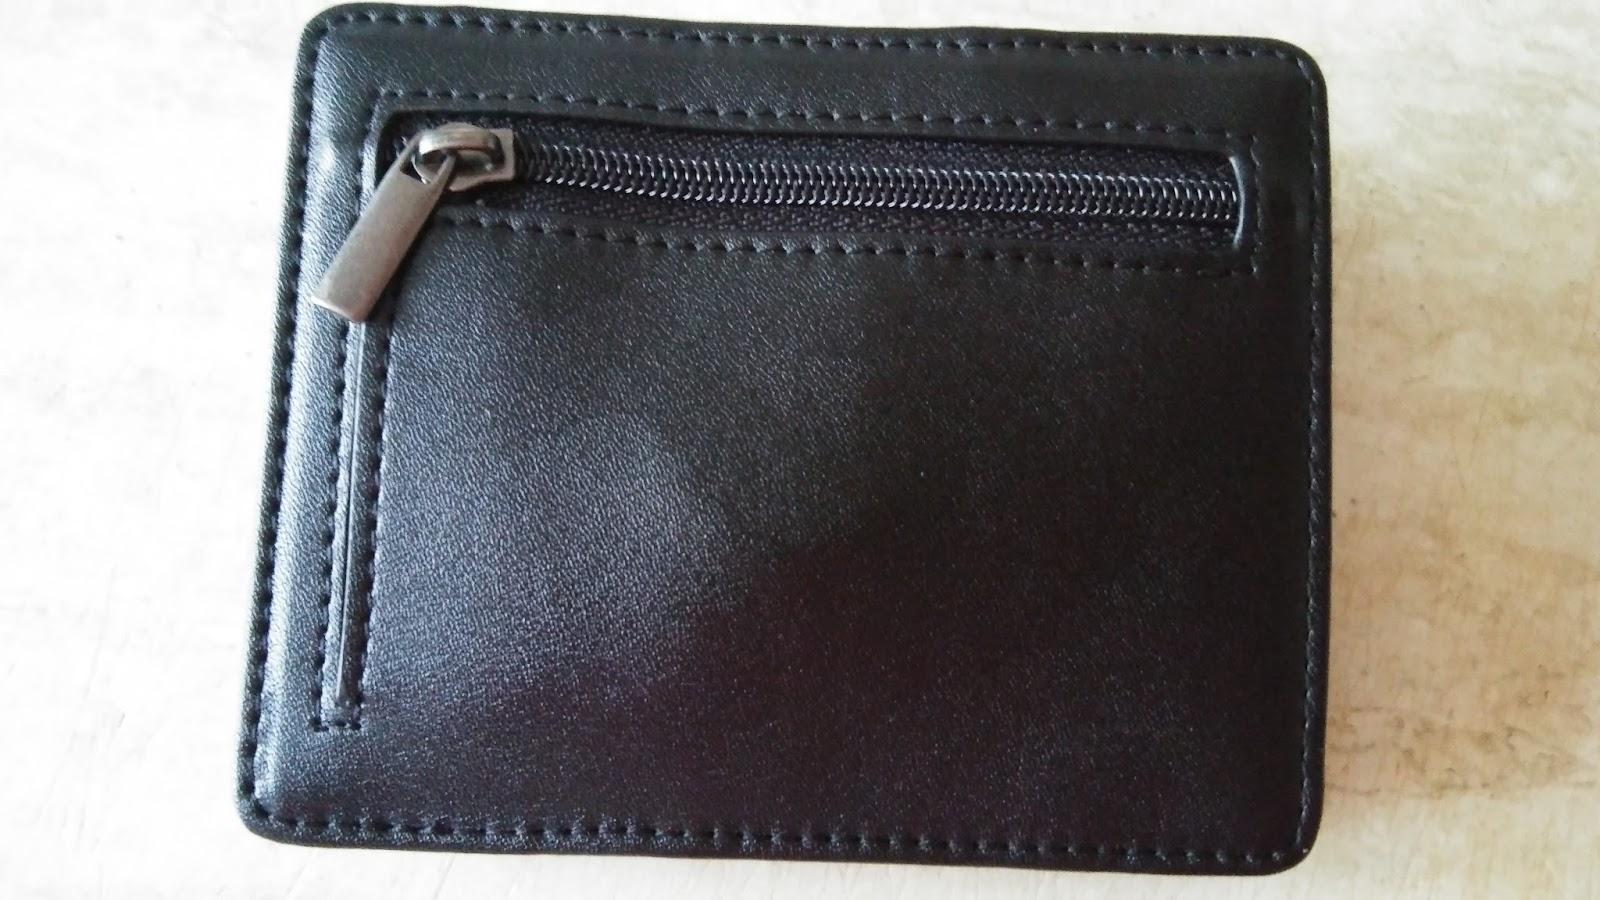 410d8ff71c484 Die Qualität des Design Magic Wallet von Makin ist sehr gut und der Preis  stimmt. Highlight ist natürlich die Magic-Flip-Flap Funktion.